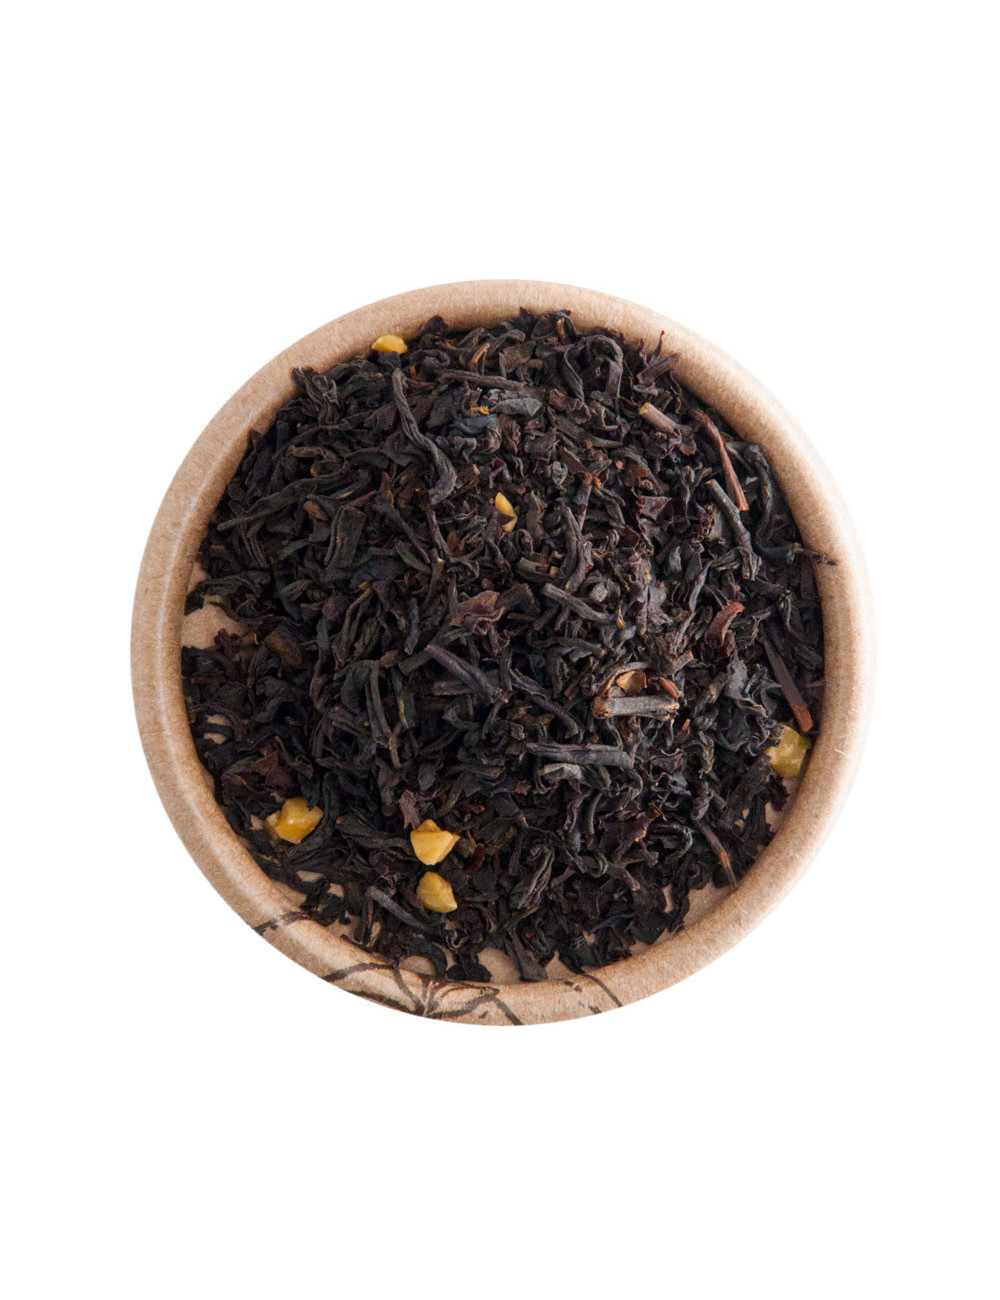 Mandorla tè nero aromatizzato - La Pianta del Tè shop online